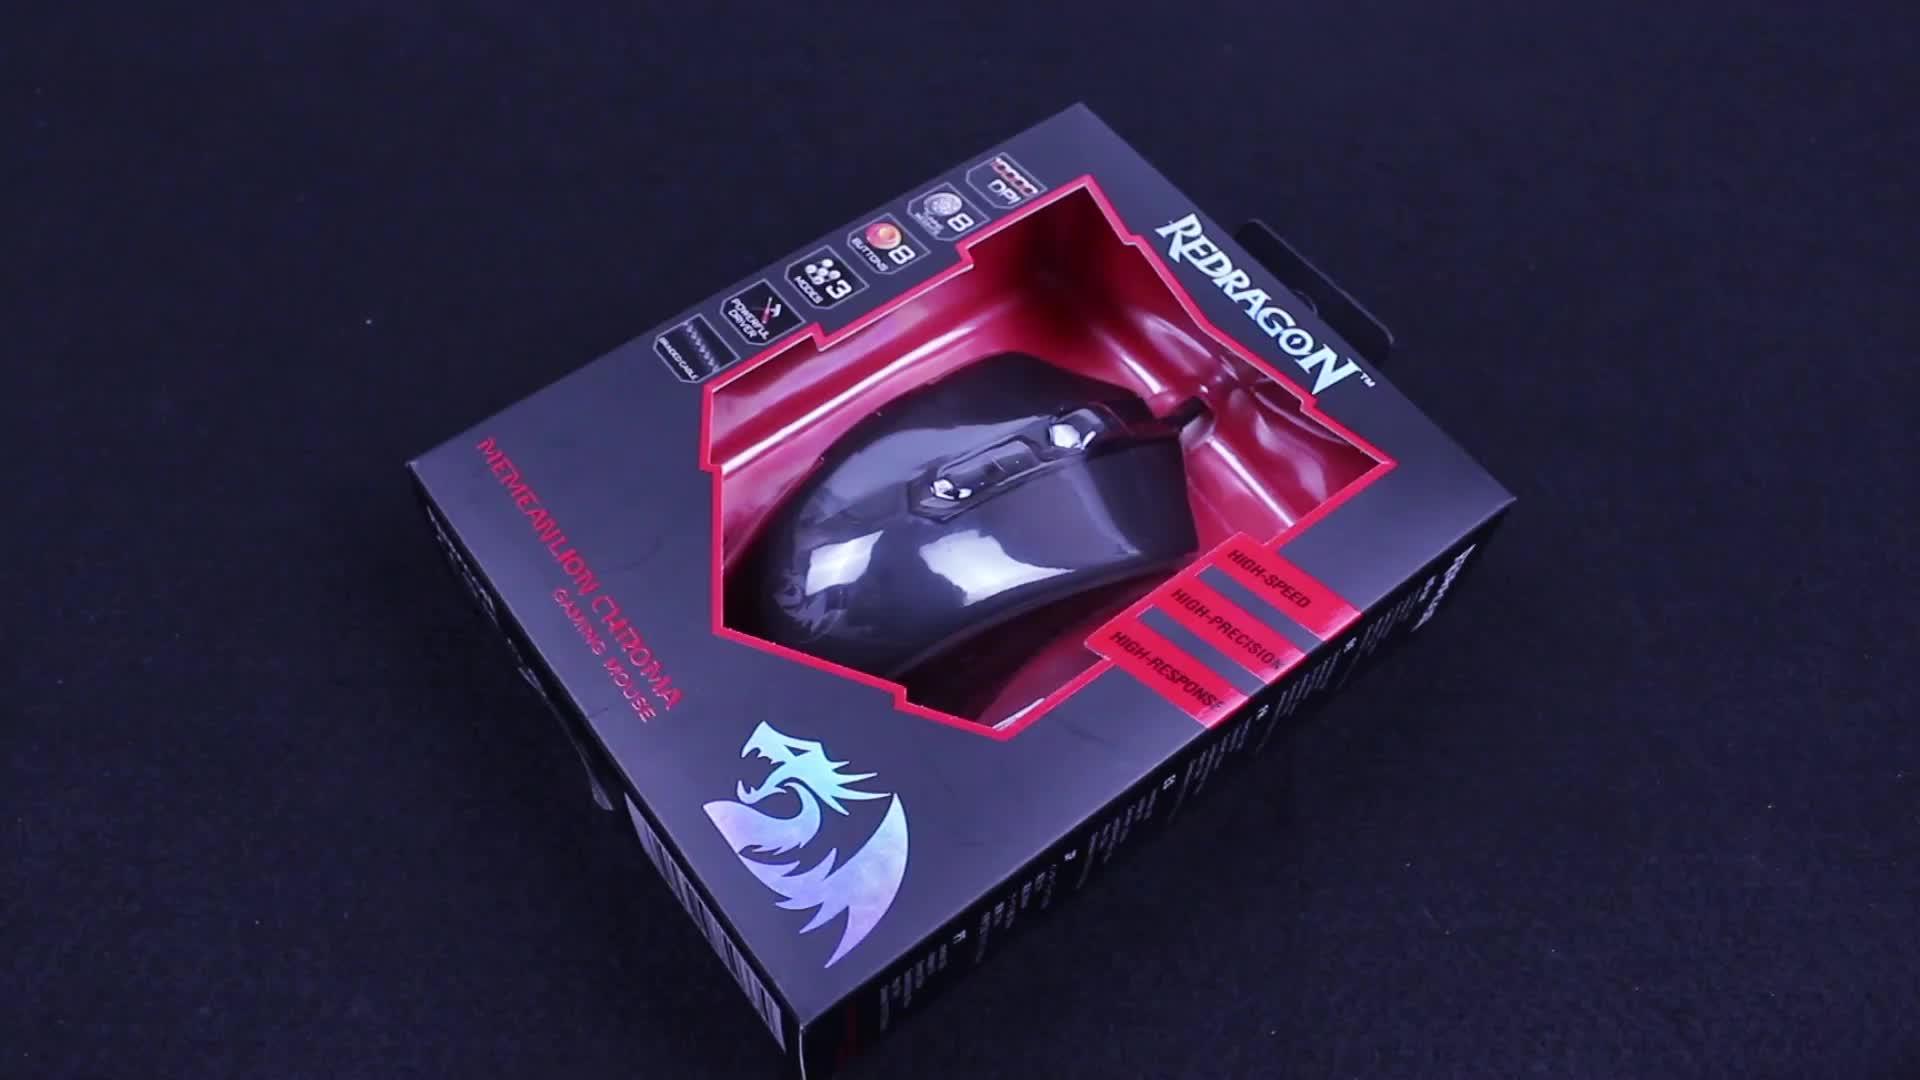 Abs Material de Drivers Usb 3d Optical 6d Computador Partes E Funções 8 Peso Ajustável Jogo Do Rato Peso Iluminado